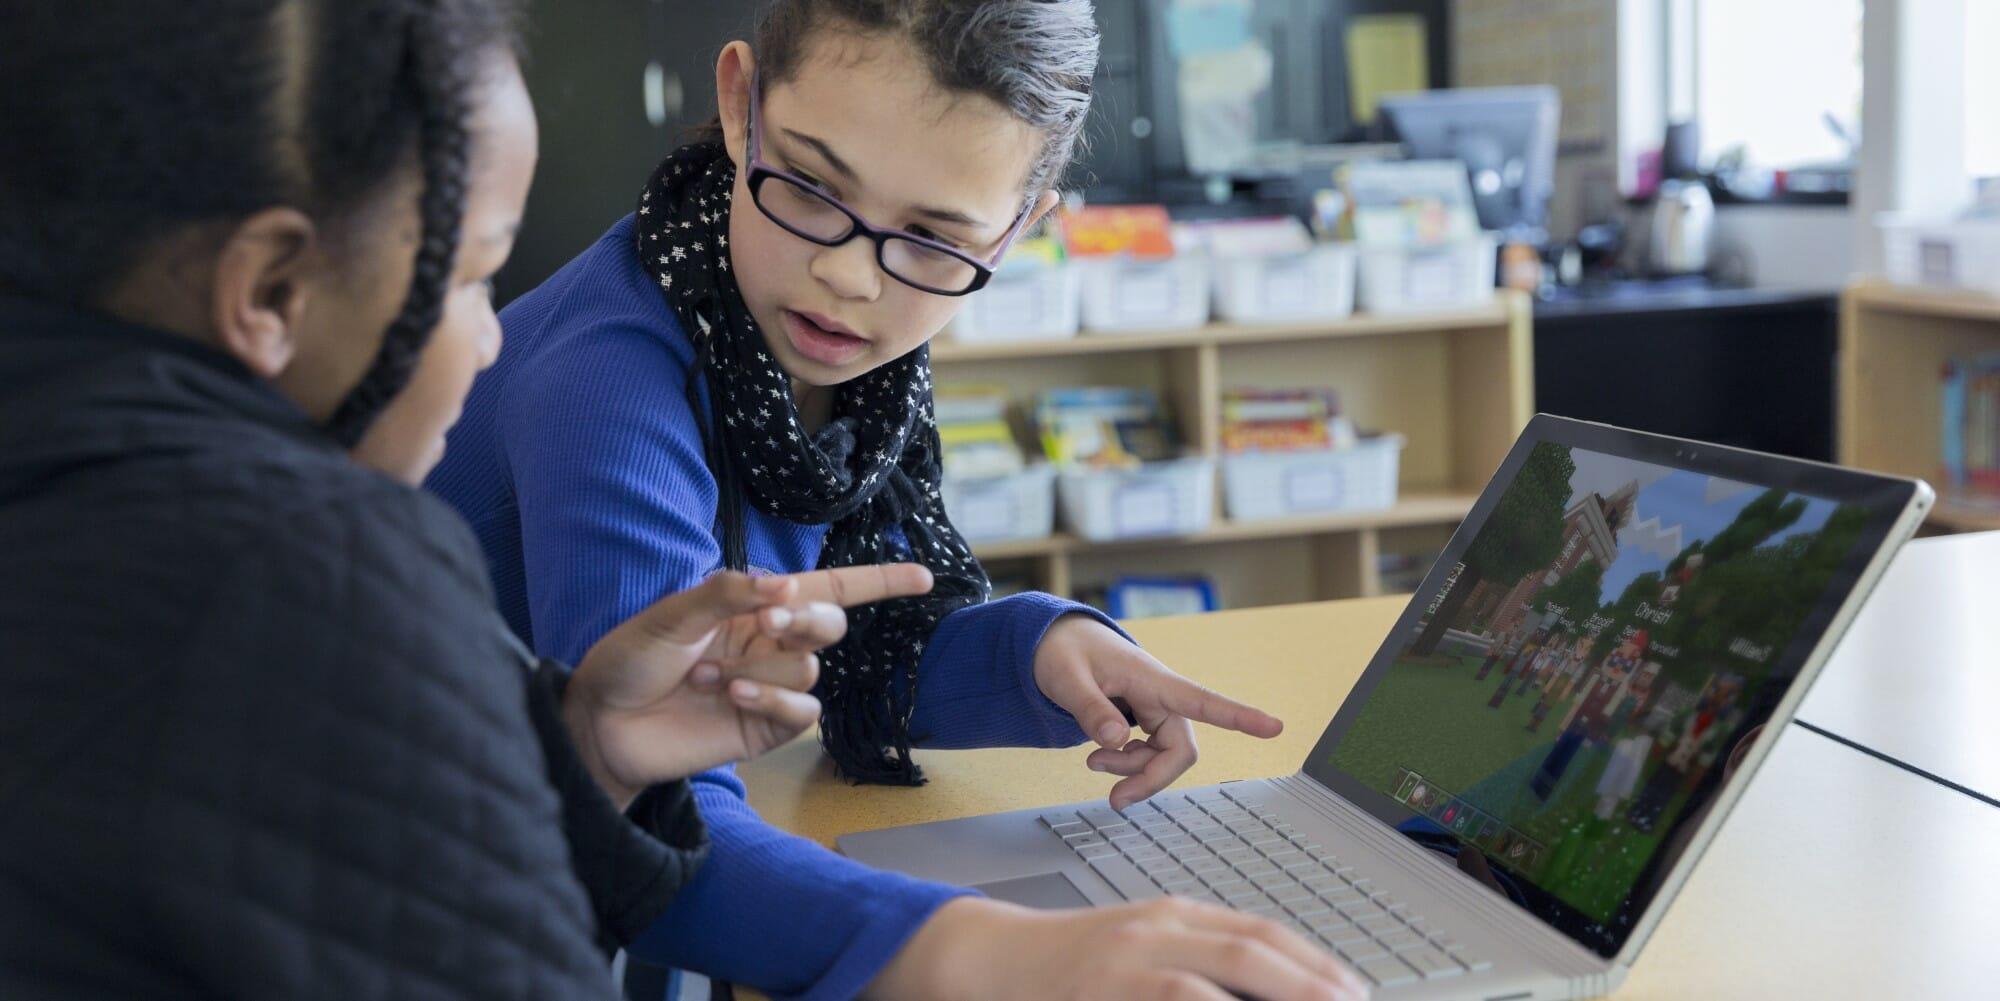 2 meninas a jogar Minecraft à frente de um portátil